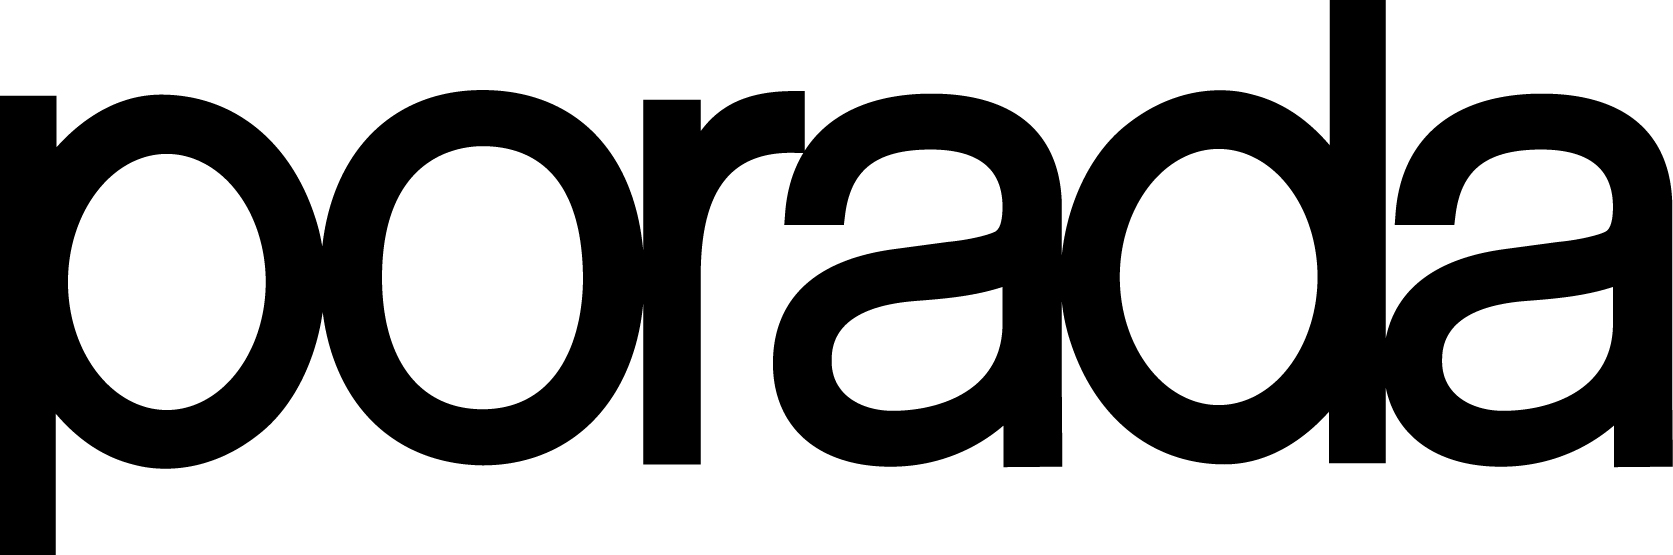 PORADA Logo Poradaf.jpg